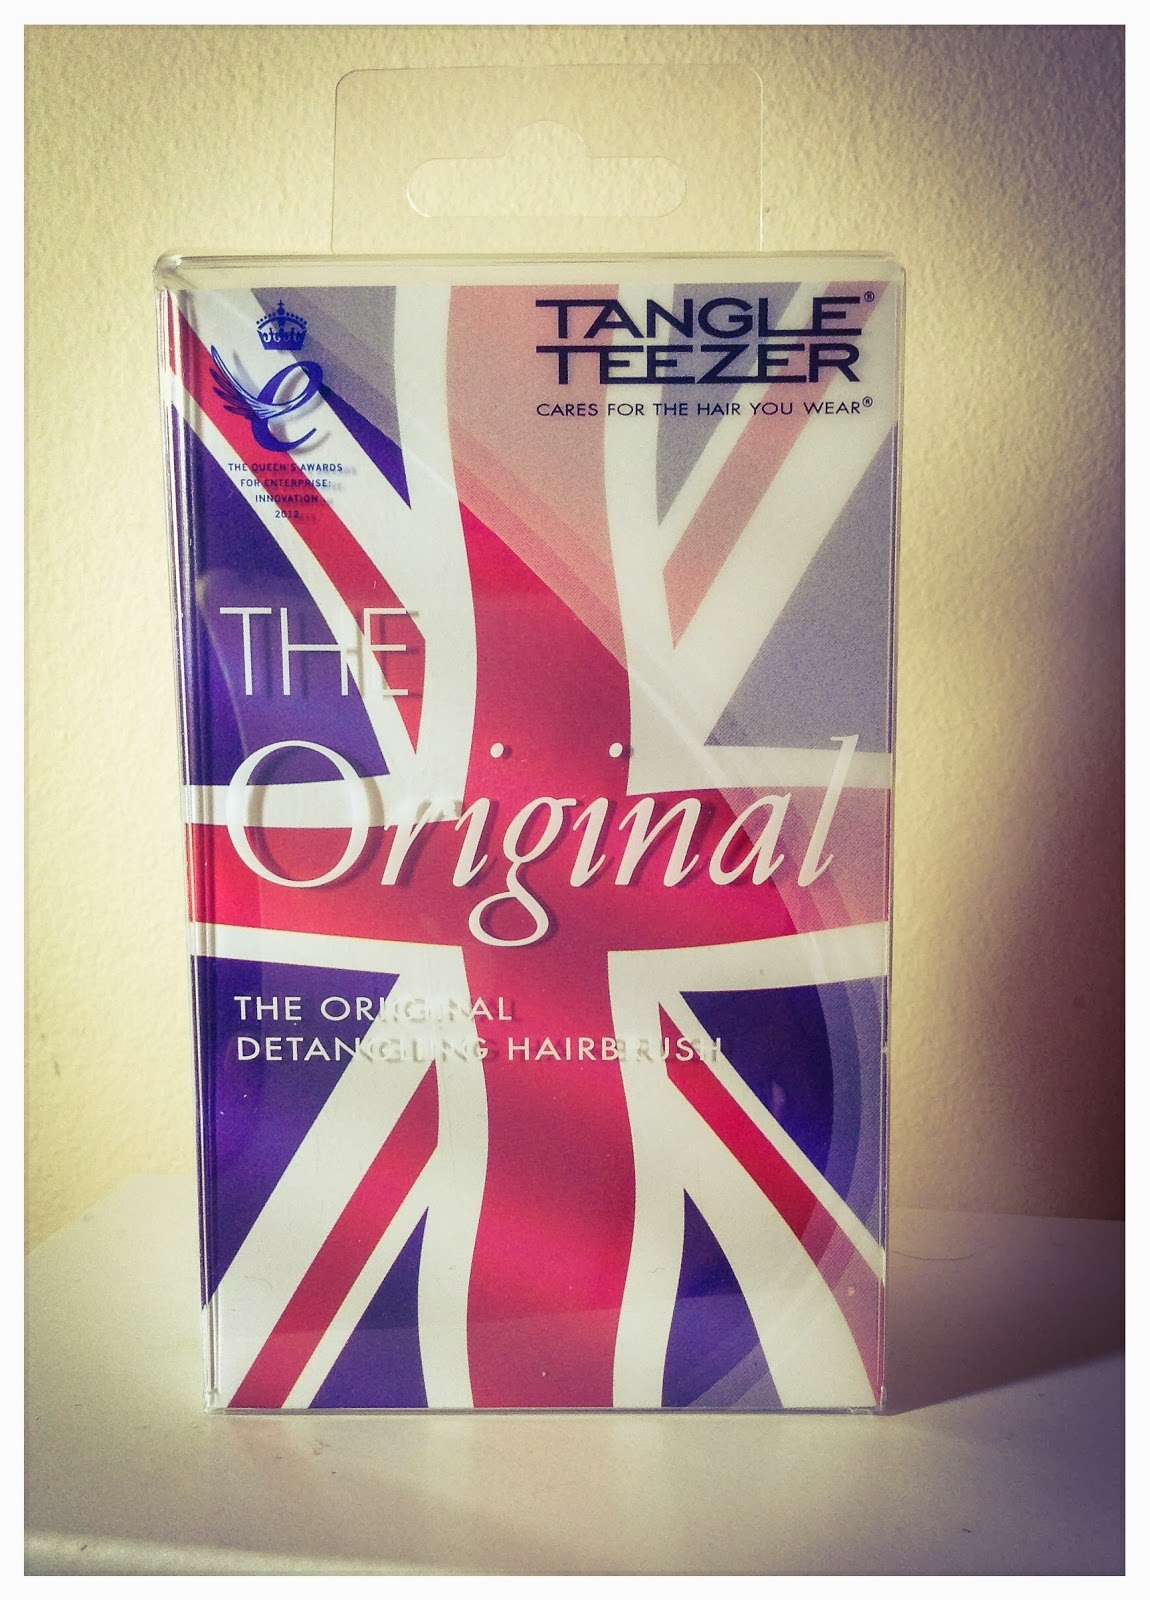 Tangle-Teezer-review